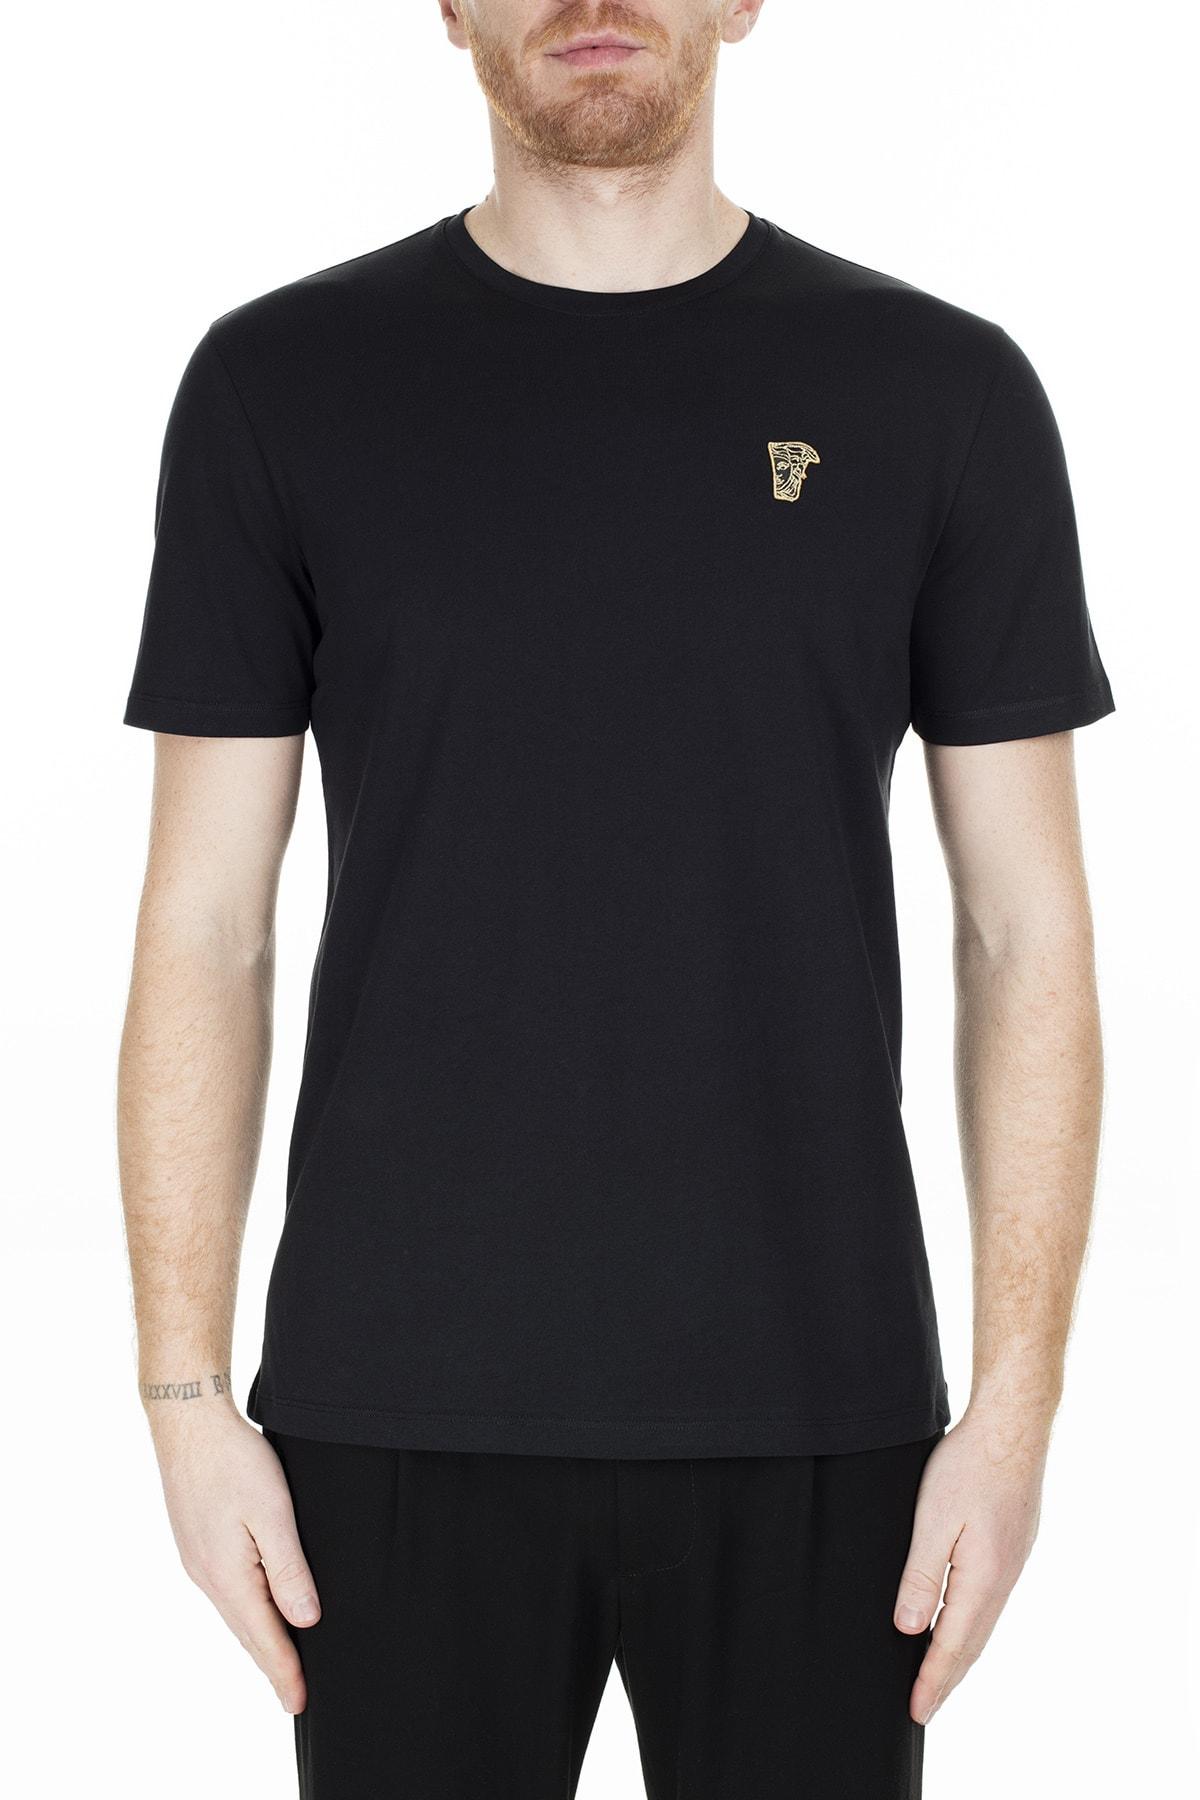 VERSACE COLLECTION Erkek Siyah T-Shirt V800683R Vj00180 V9001